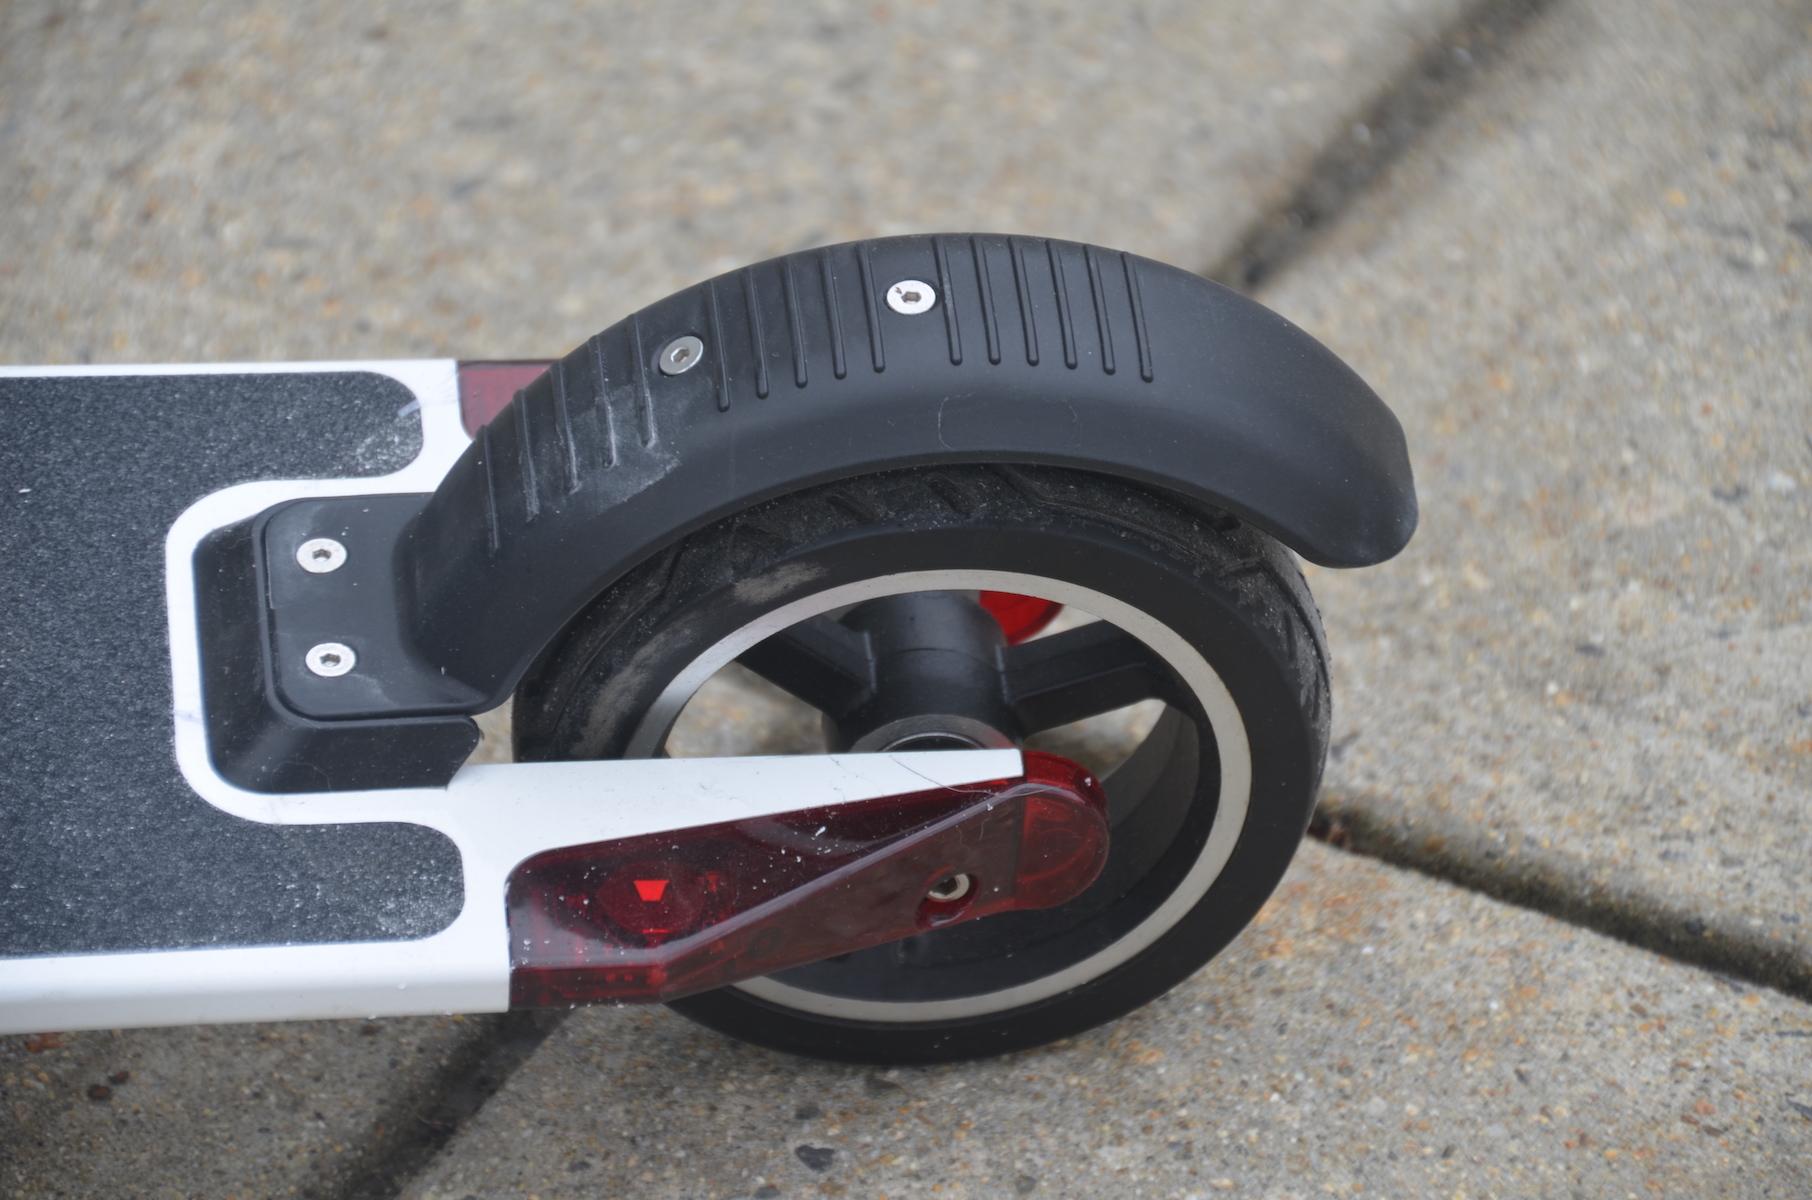 EMOVE 2.0 rear brake